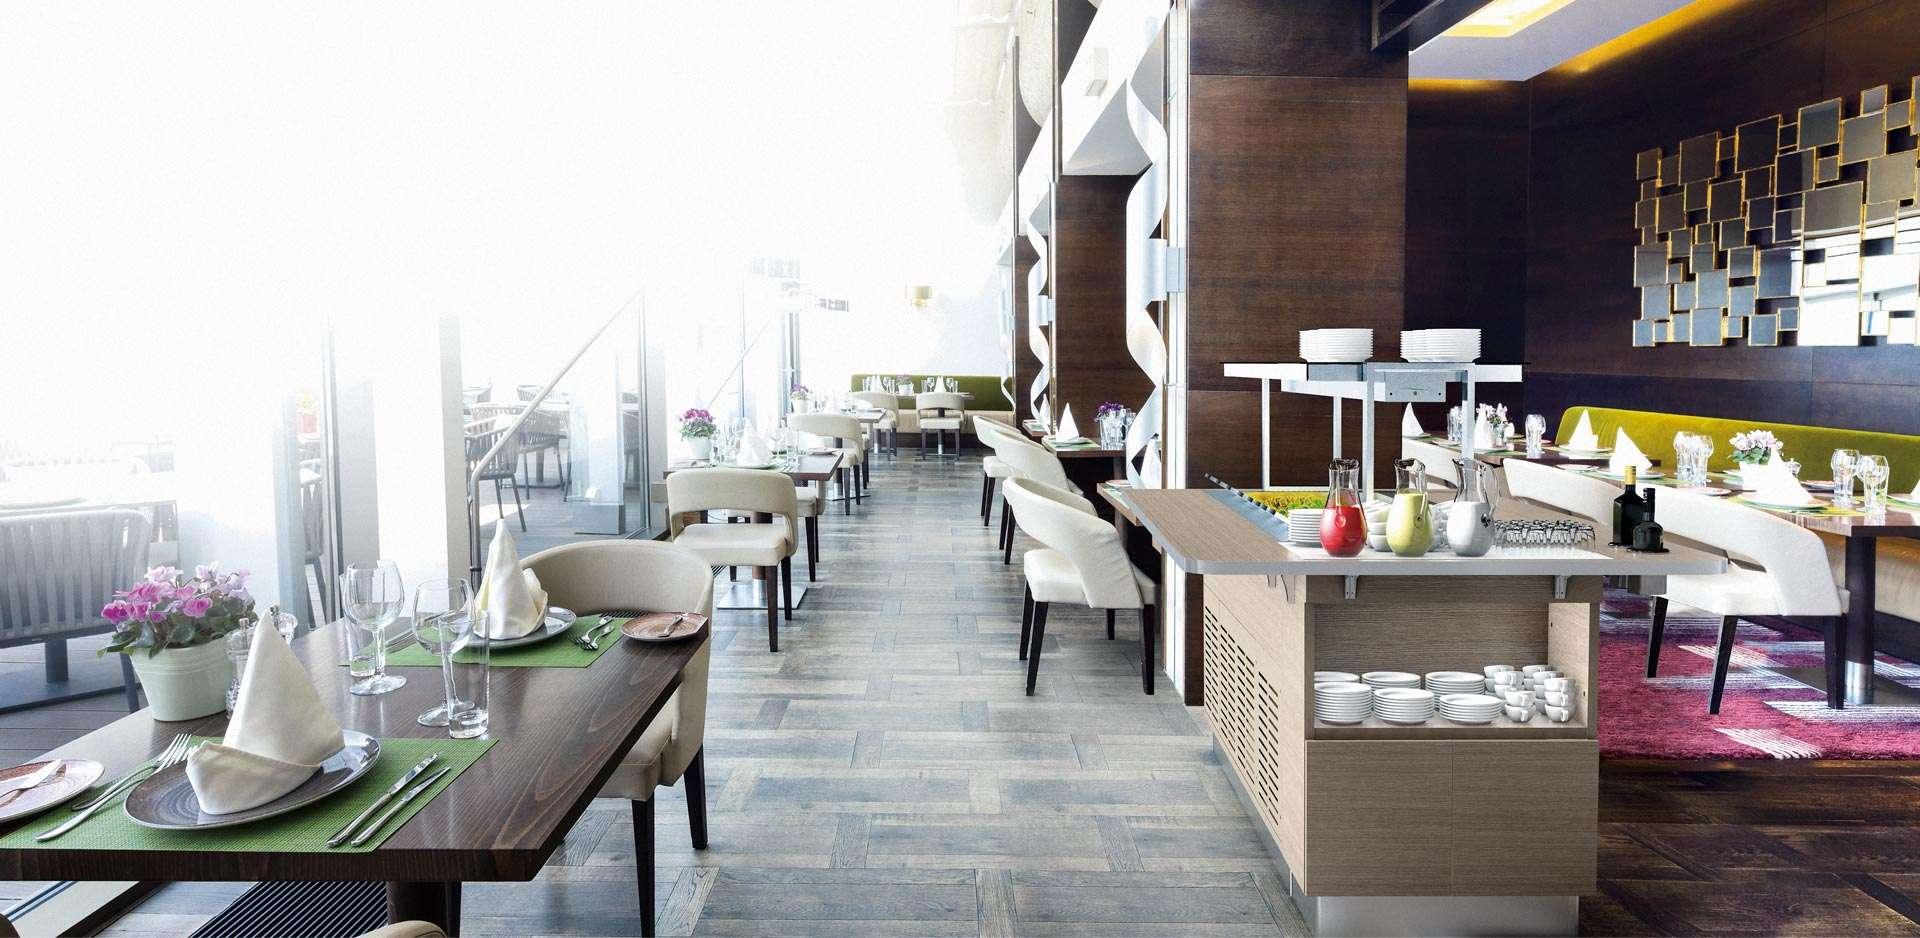 ambientazione-hotel-restaurants